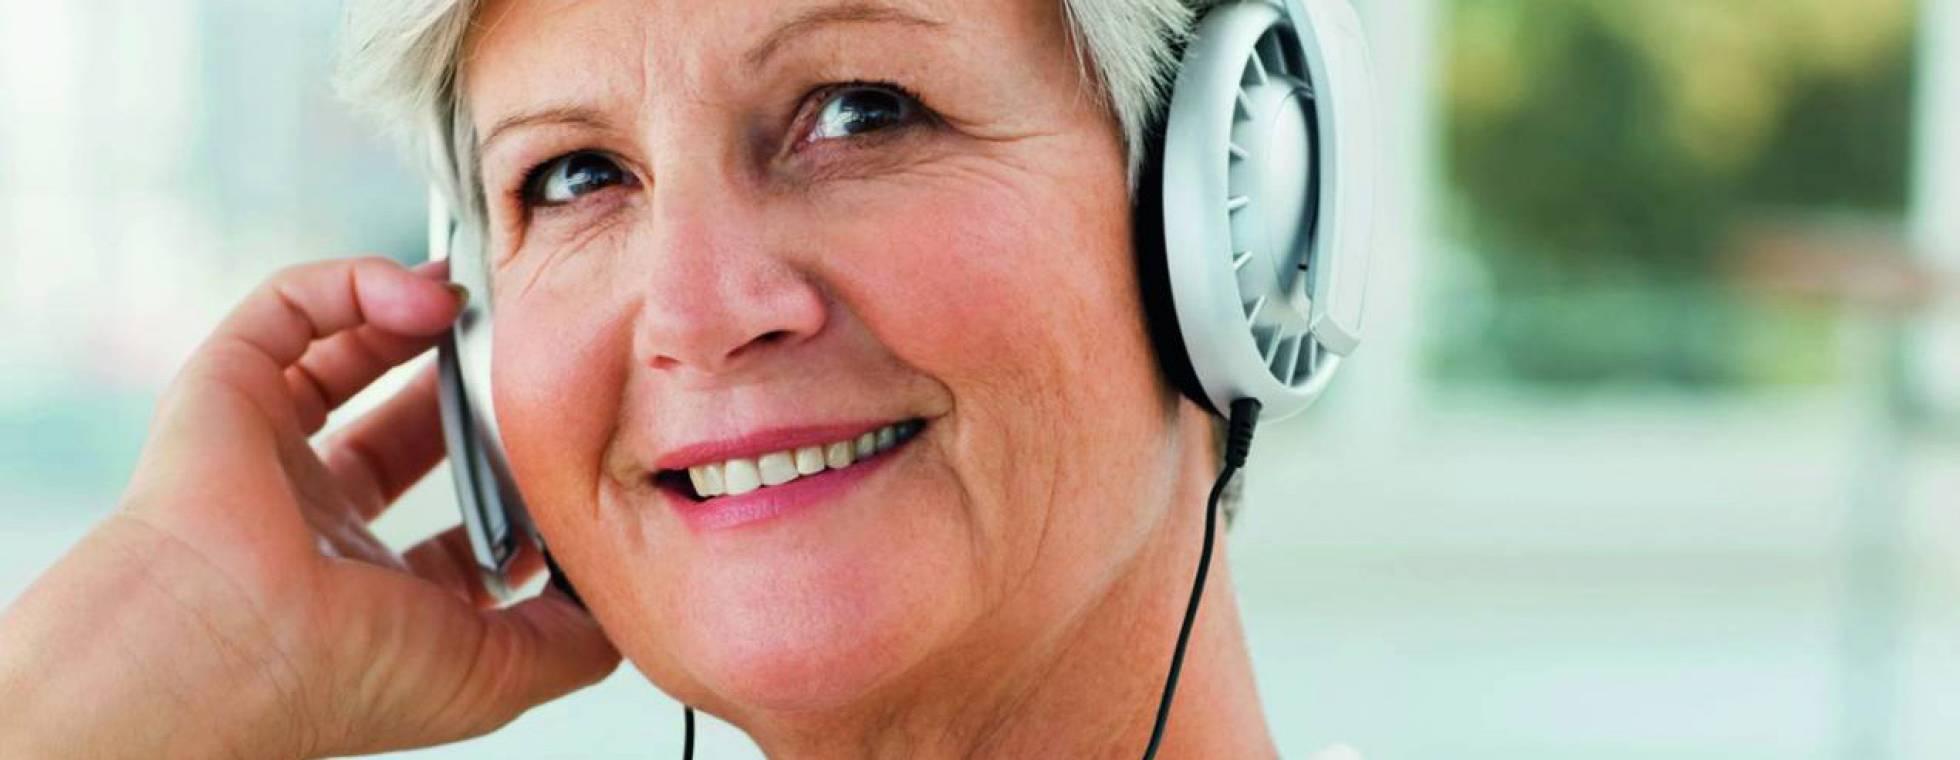 Senorin mit Kopfhörern